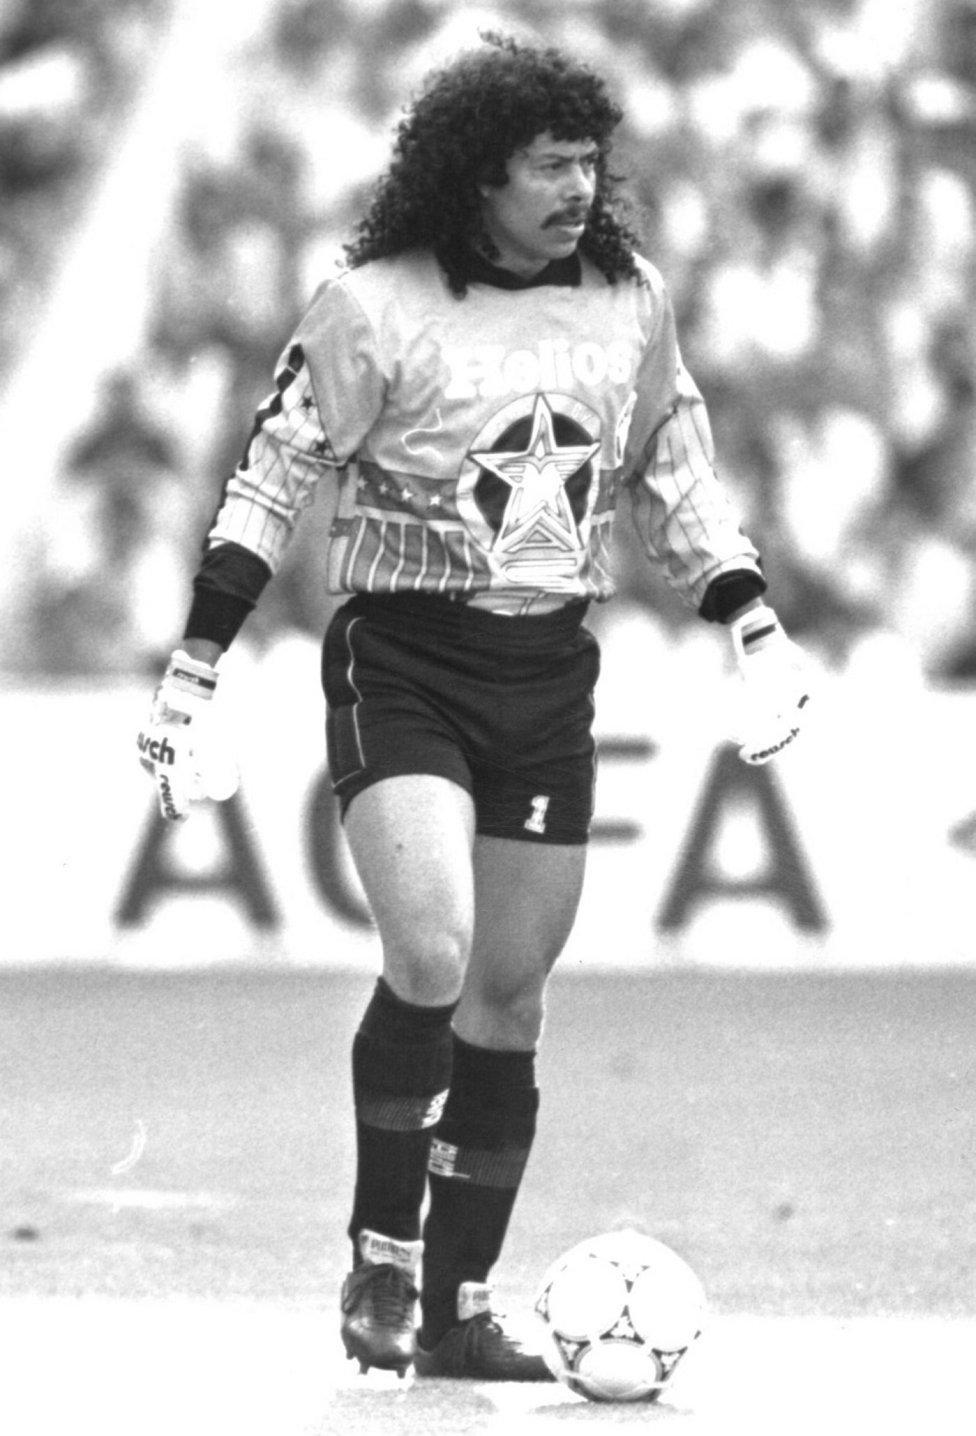 Le gardien international colombien René Higuita et le joueur de Valladolid, en 1991, ont été condamnés à sept mois de prison pour être intervenus dans l'enlèvement et la libération ultérieure de la fille d'un ami.  Higuita a eu de nombreux problèmes en raison de sa relation étroite avec l'un des grands patrons du cartel de Medellin, Pablo Escobar.